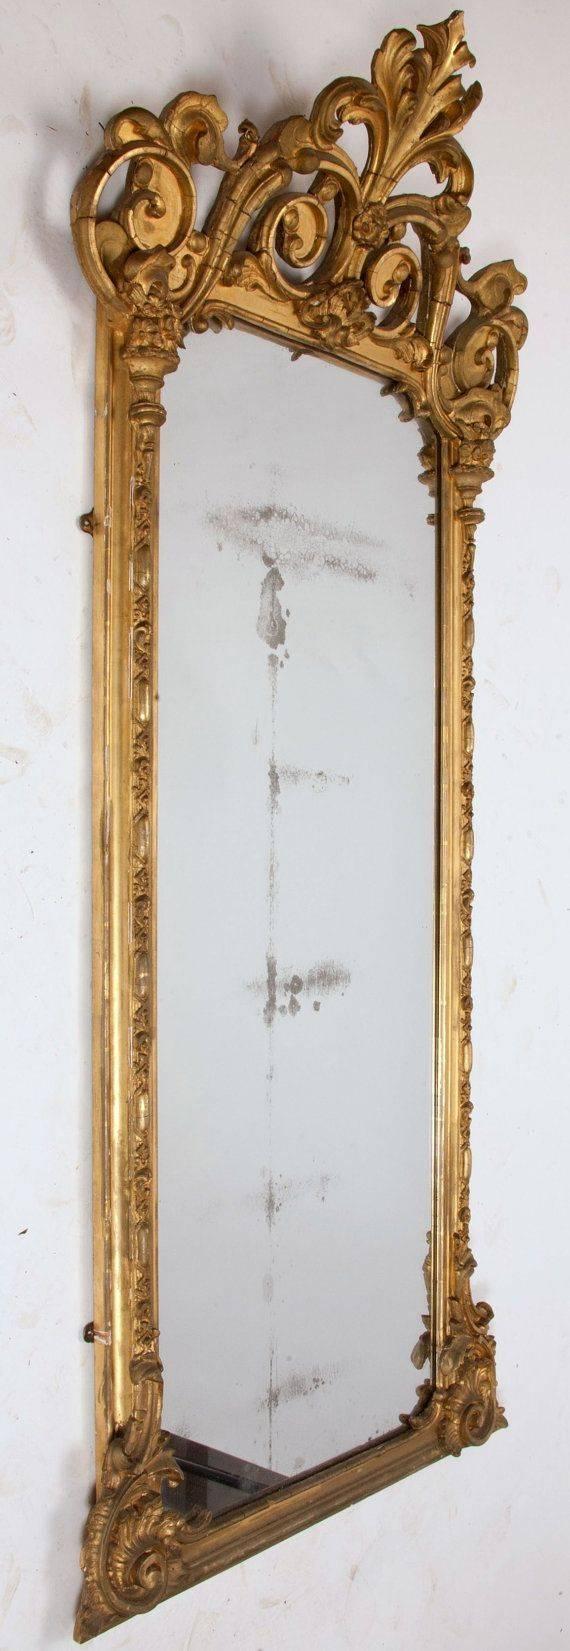 Best 25+ Victorian Mirror Ideas On Pinterest | Victorian Floor intended for Antique Victorian Mirrors (Image 10 of 15)